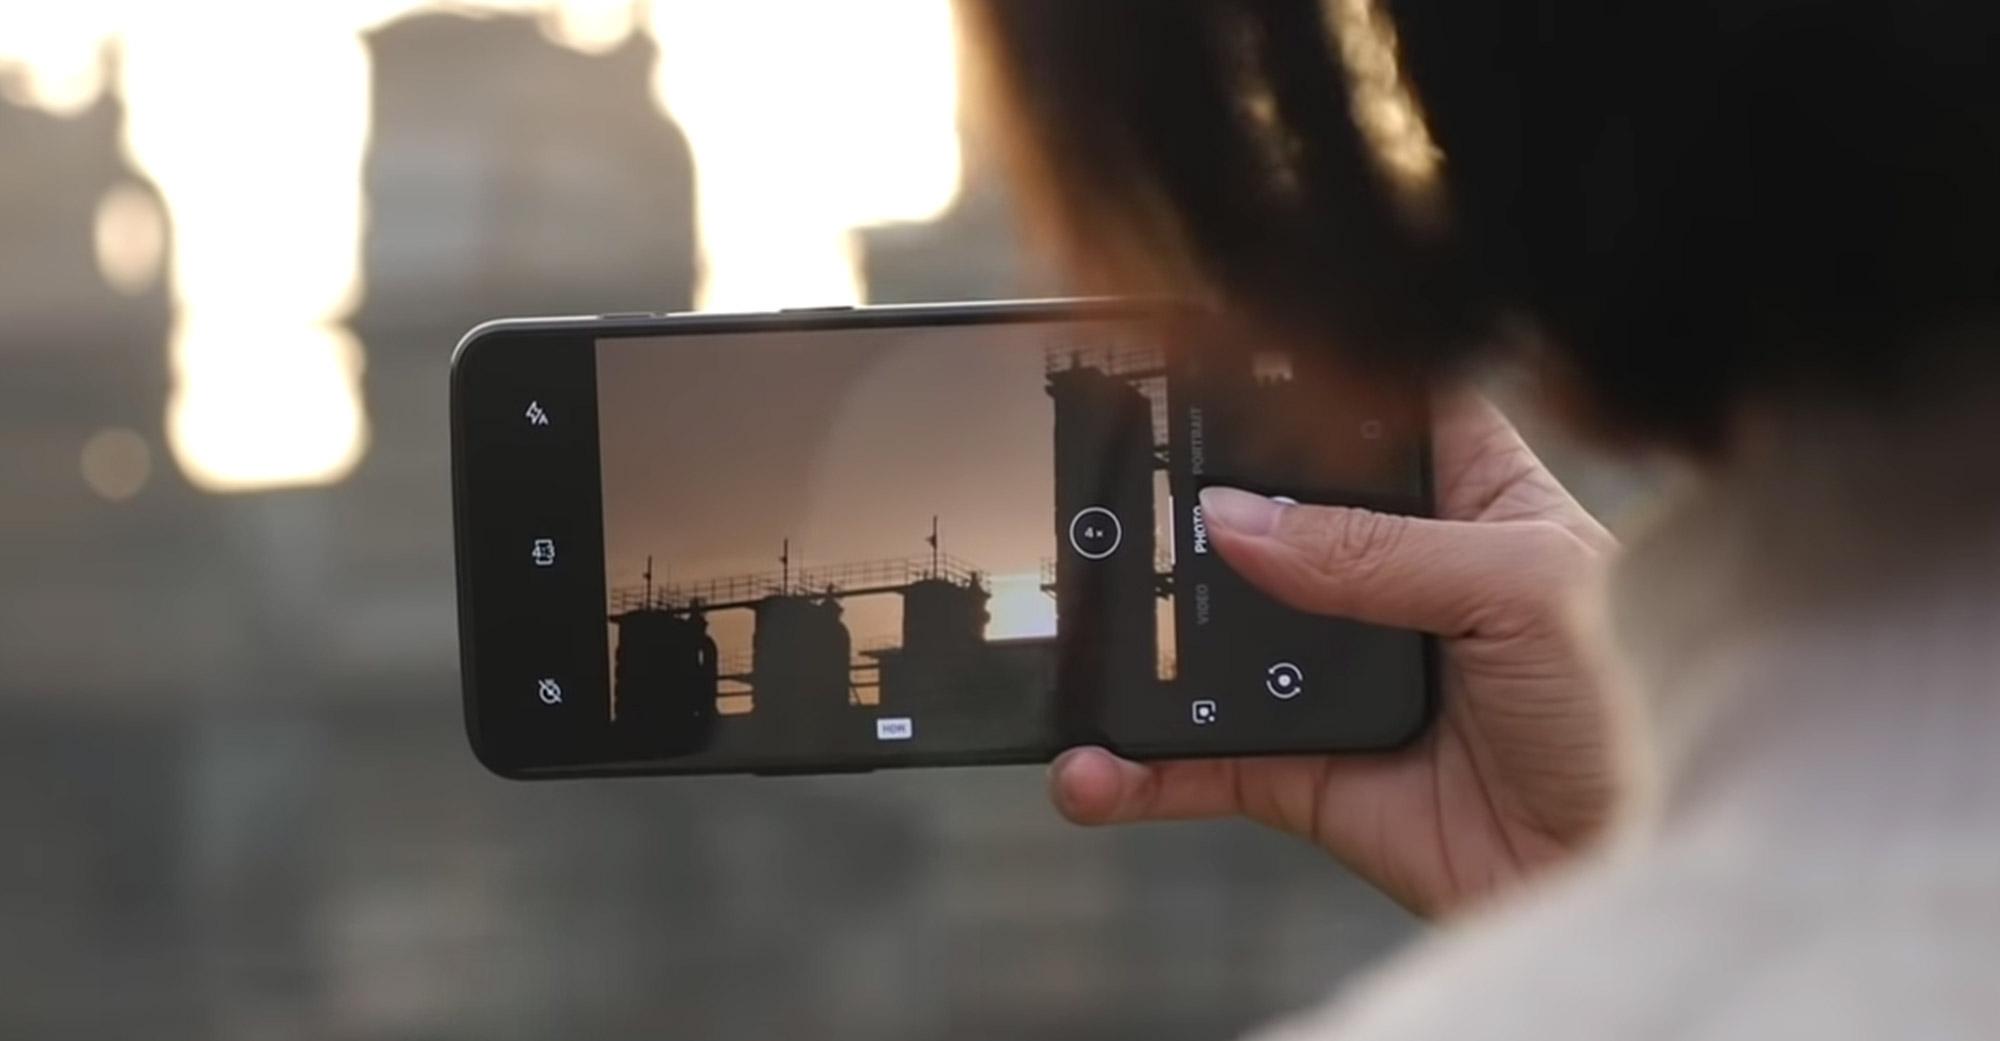 Cómo capturar Instagram historias sin que ellos lo sepan